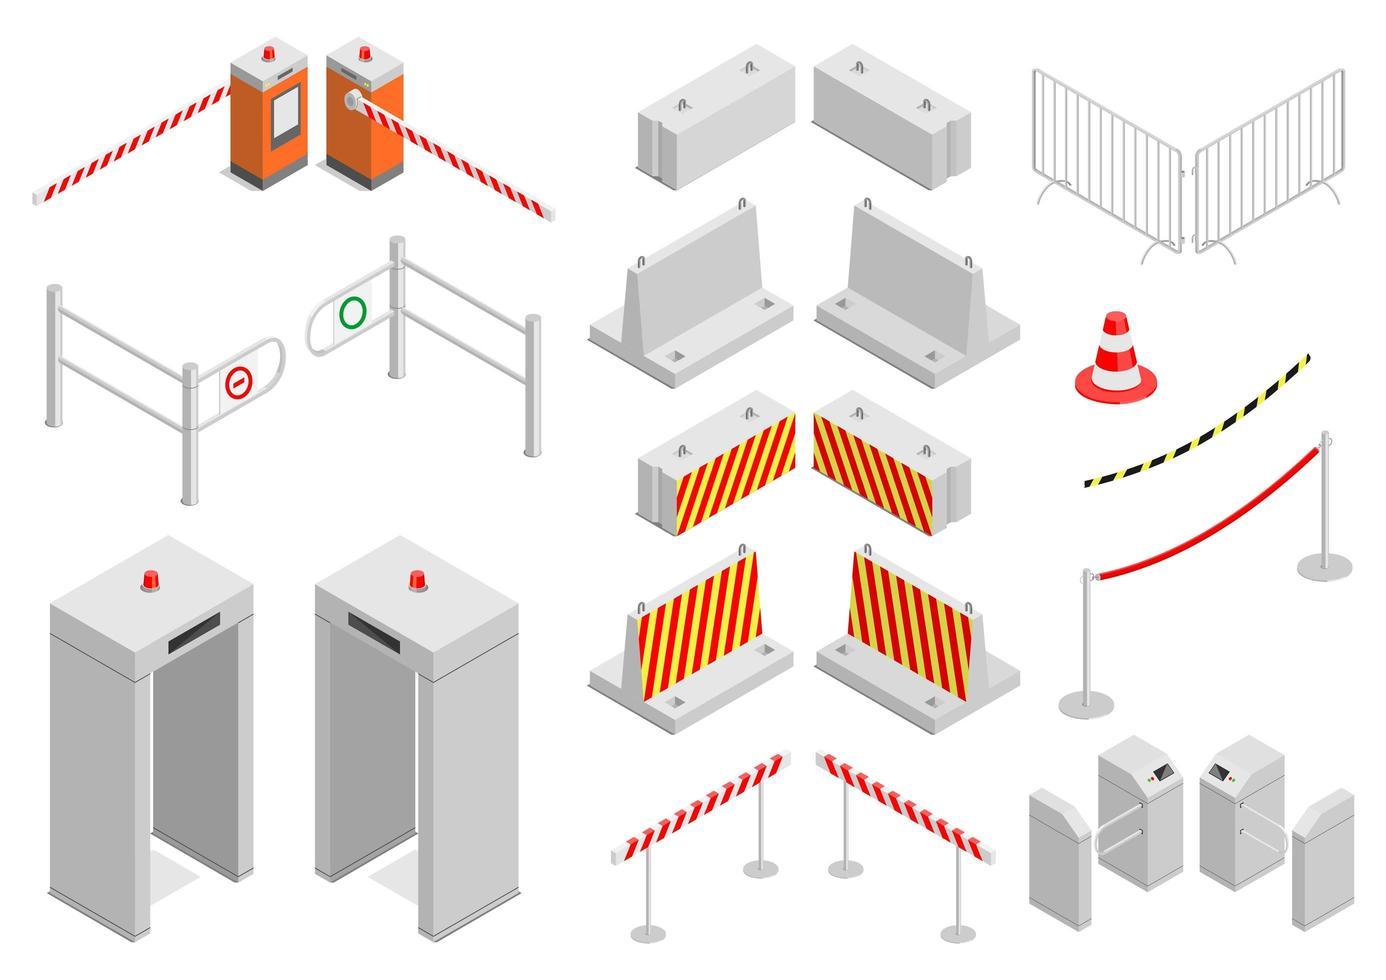 conjunto de elementos de infraestrutura de segurança e segurança da cidade vetor